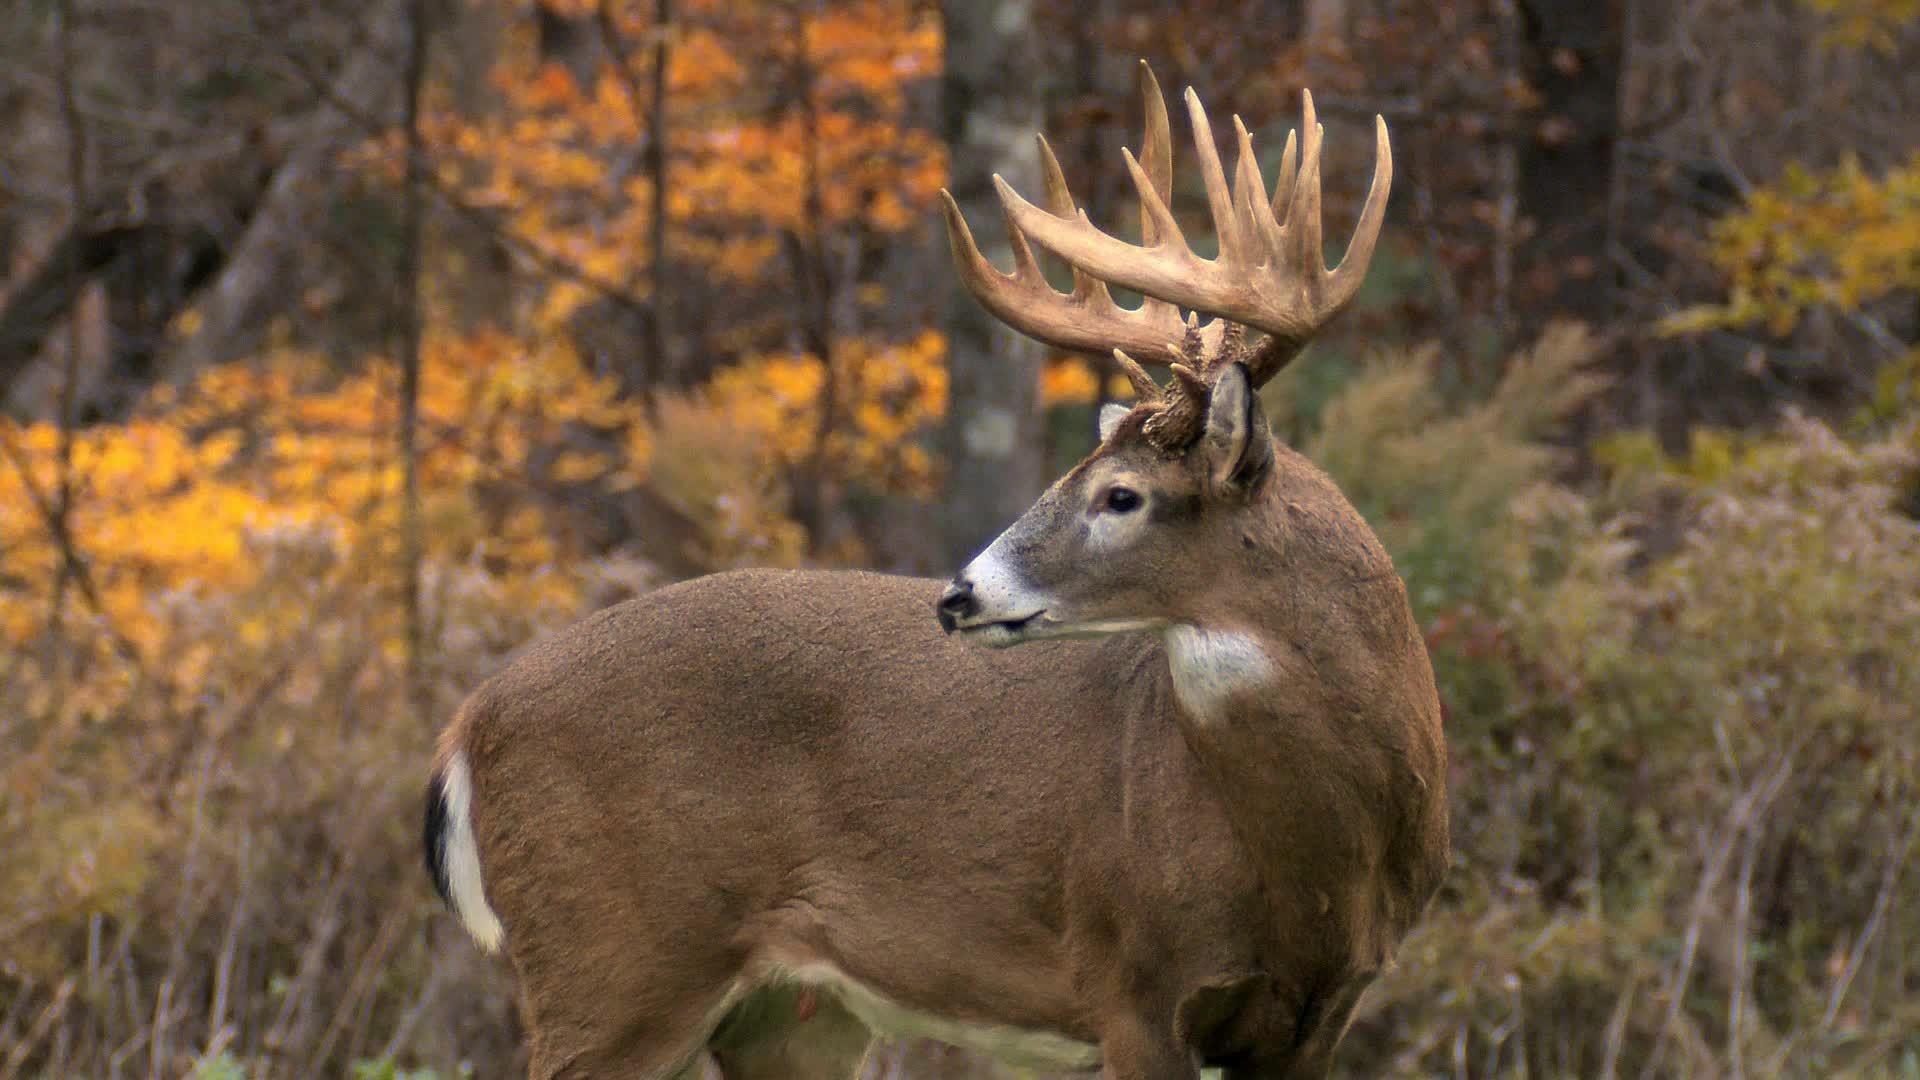 Res: 1920x1080, Side Look Deer HD Wallpapers - 1080p Full HD Wallpaper